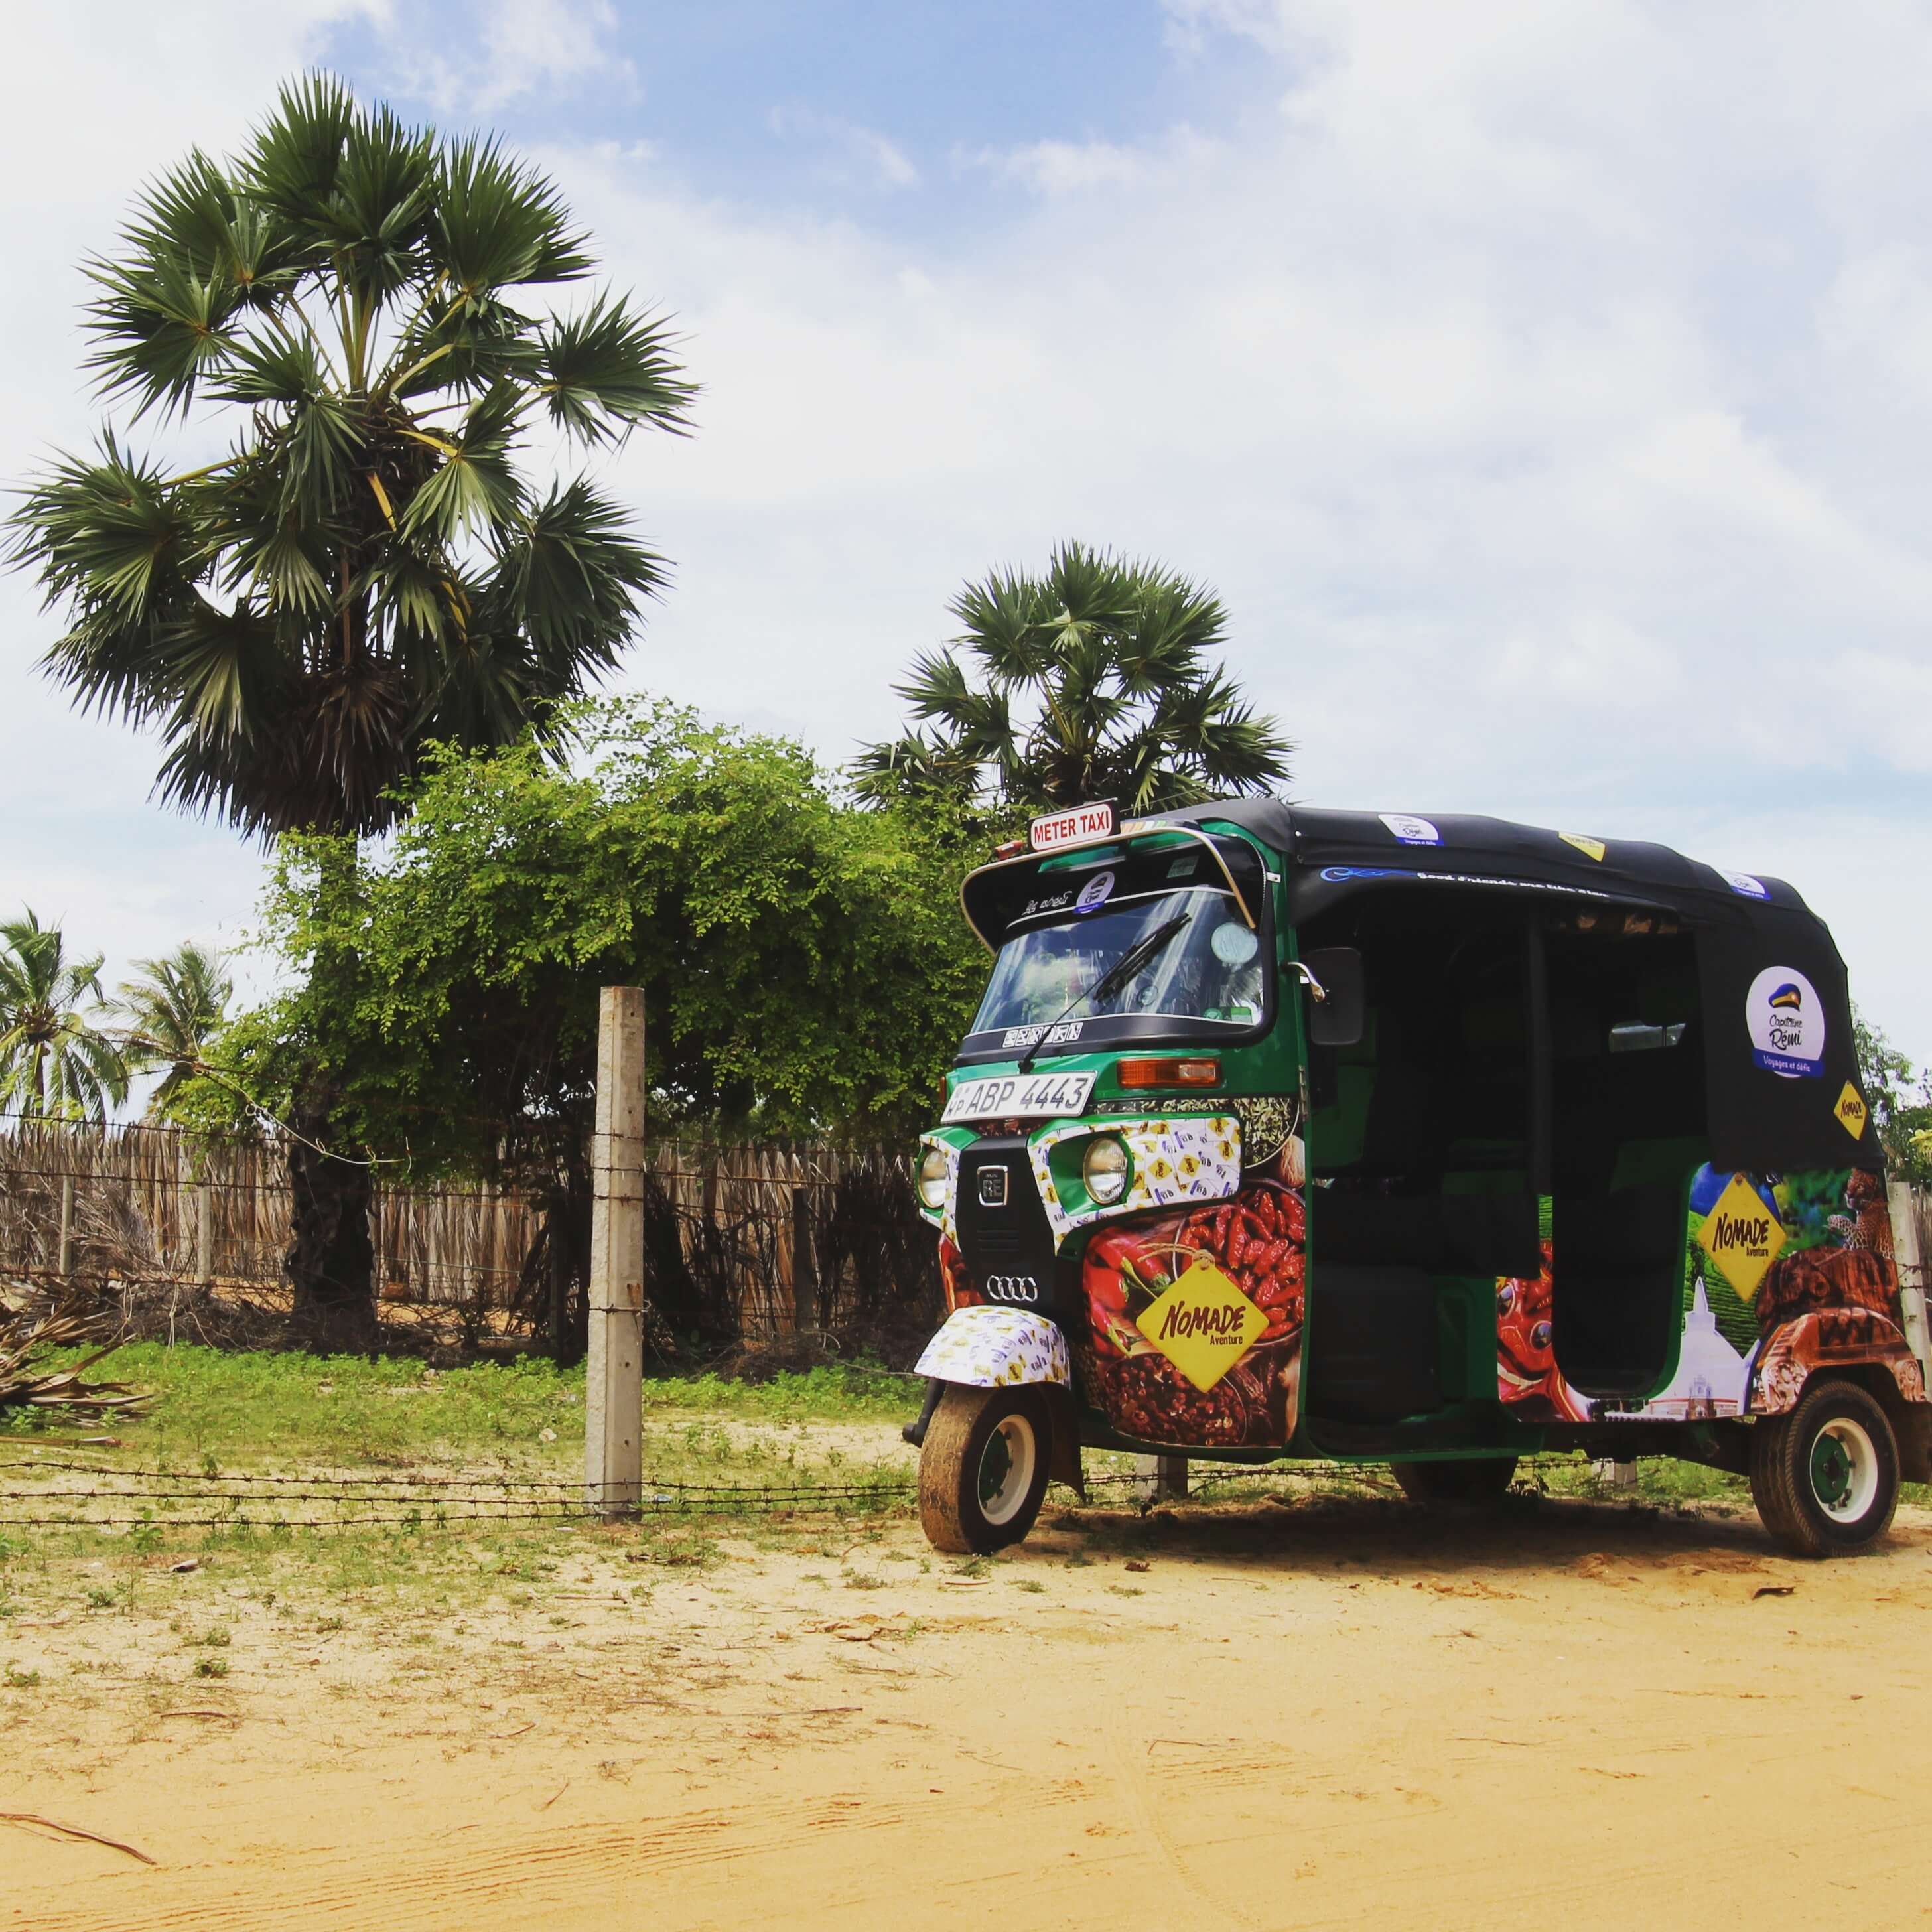 Le tour du Sri Lanka en tuktuk